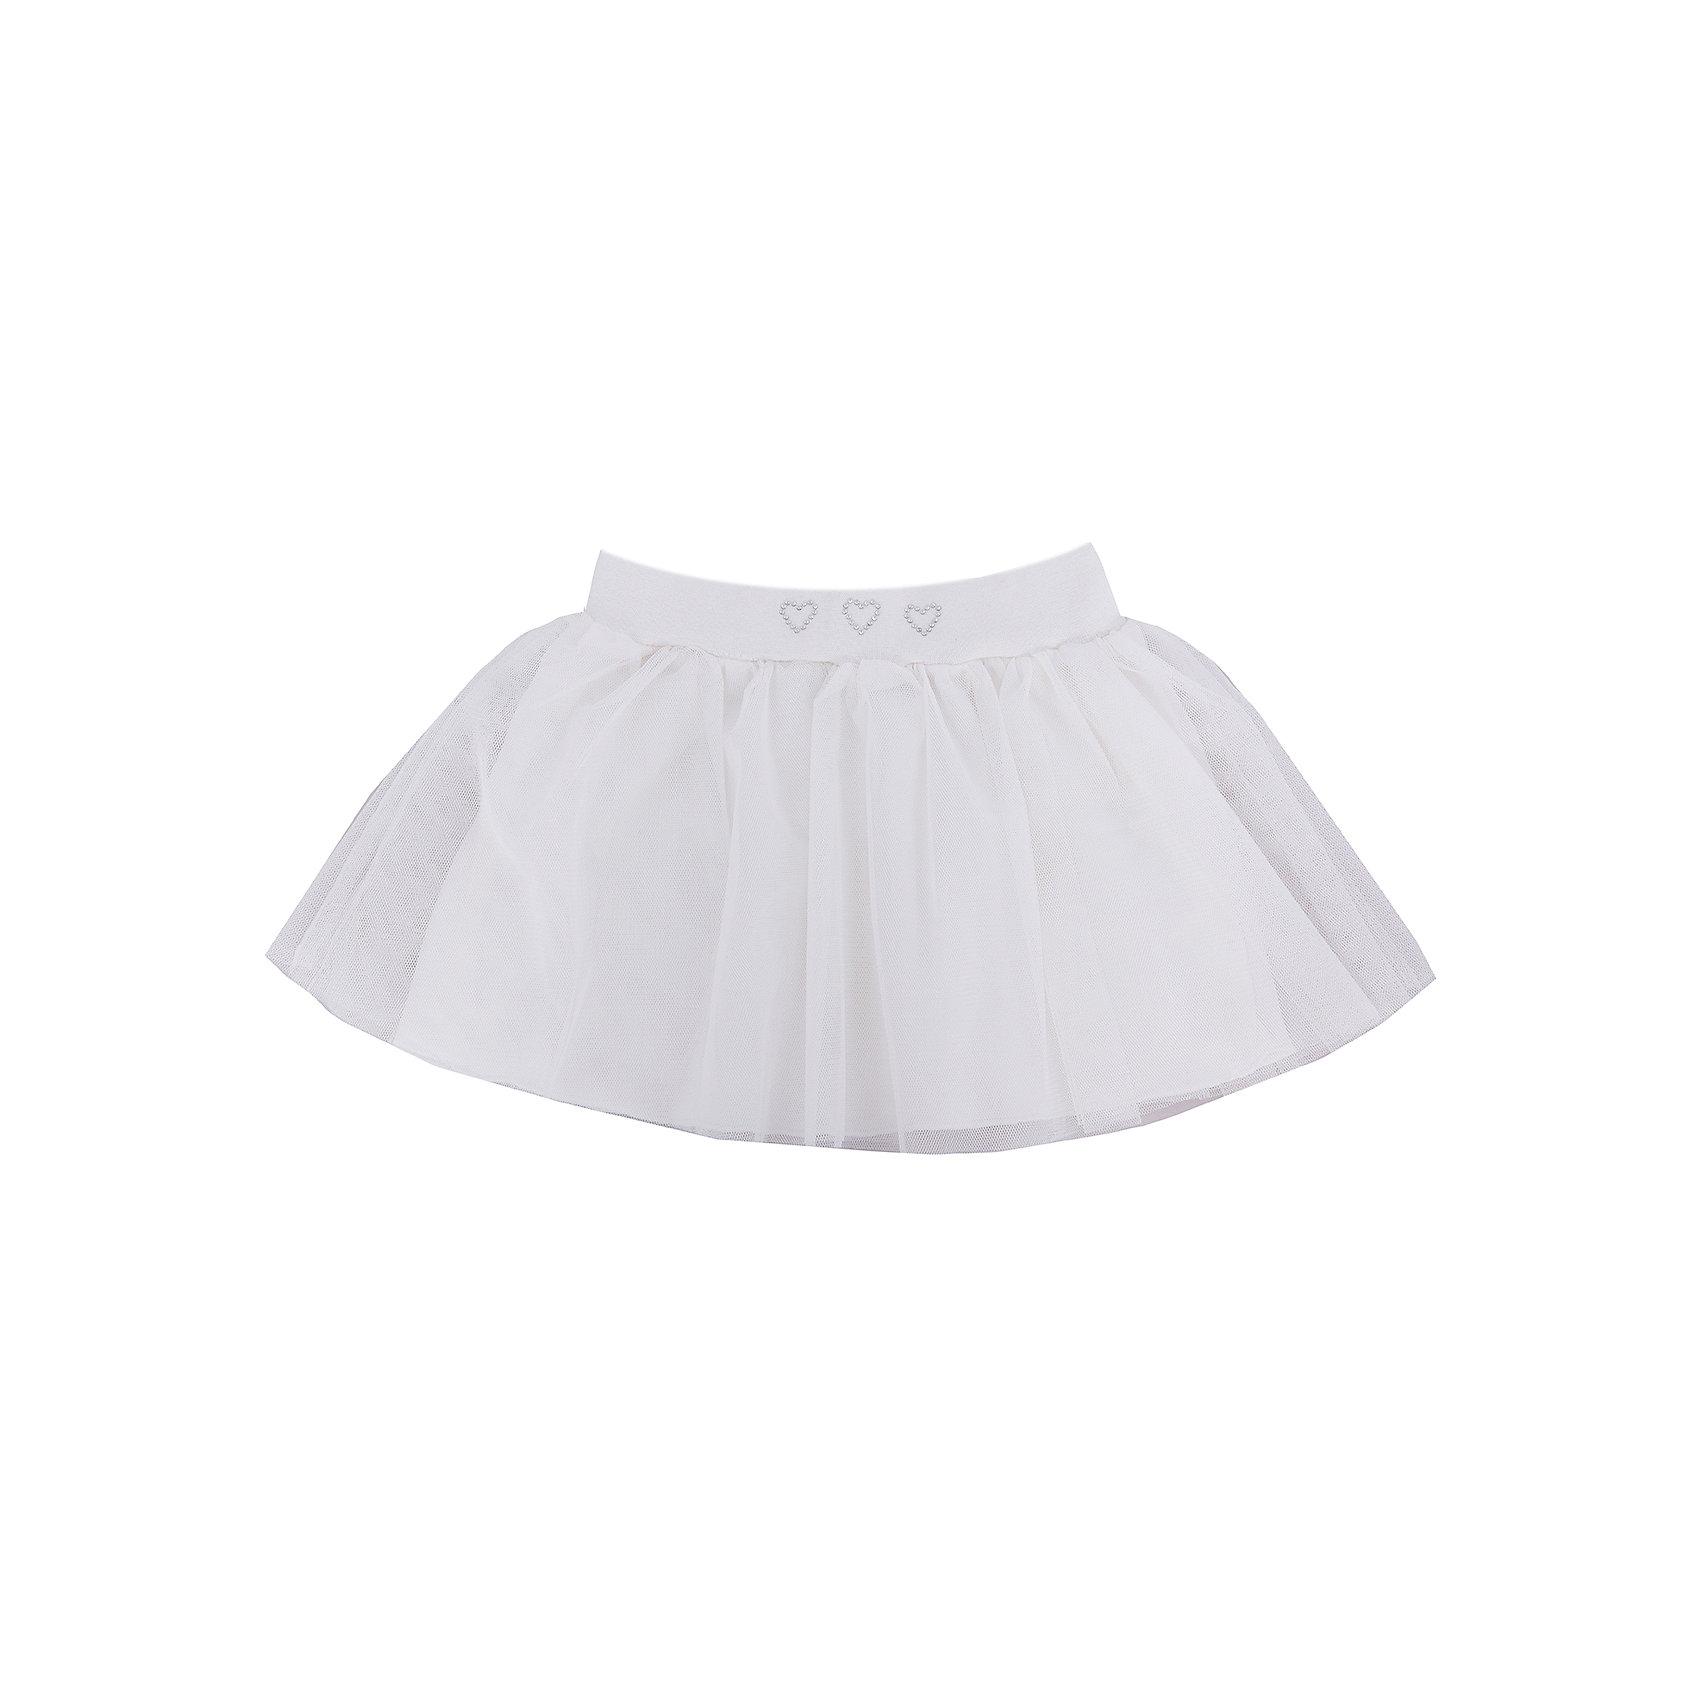 Юбка для девочки Soni KidsЮбка для девочки от популярной марки Soni Kids <br> <br>Пышная юбка очень красивого оттенка слоновой кости сшита из мягкого дышащего хлопка. Это гипоаллергенный материал, который отлично подходит для детской одежды. Правильный крой обеспечит ребенку удобство, не будет натирать и стеснять движения. <br> <br>Особенности модели: <br> <br>- цвет - белый; <br>- материал - натуральный хлопок; <br>- пышный подол; <br>- два слоя ткани; <br>- модель декорирована стразами; <br>- пояс - мягкая широкая резинка. <br> <br>Дополнительная информация: <br> <br>Состав: 100% хлопок <br> <br>Юбку для девочки от популярной марки Soni Kids (Сони Кидс) можно купить в нашем магазине.<br><br>Ширина мм: 157<br>Глубина мм: 13<br>Высота мм: 119<br>Вес г: 200<br>Цвет: белый<br>Возраст от месяцев: 18<br>Возраст до месяцев: 24<br>Пол: Женский<br>Возраст: Детский<br>Размер: 92,74,80,86<br>SKU: 4544999